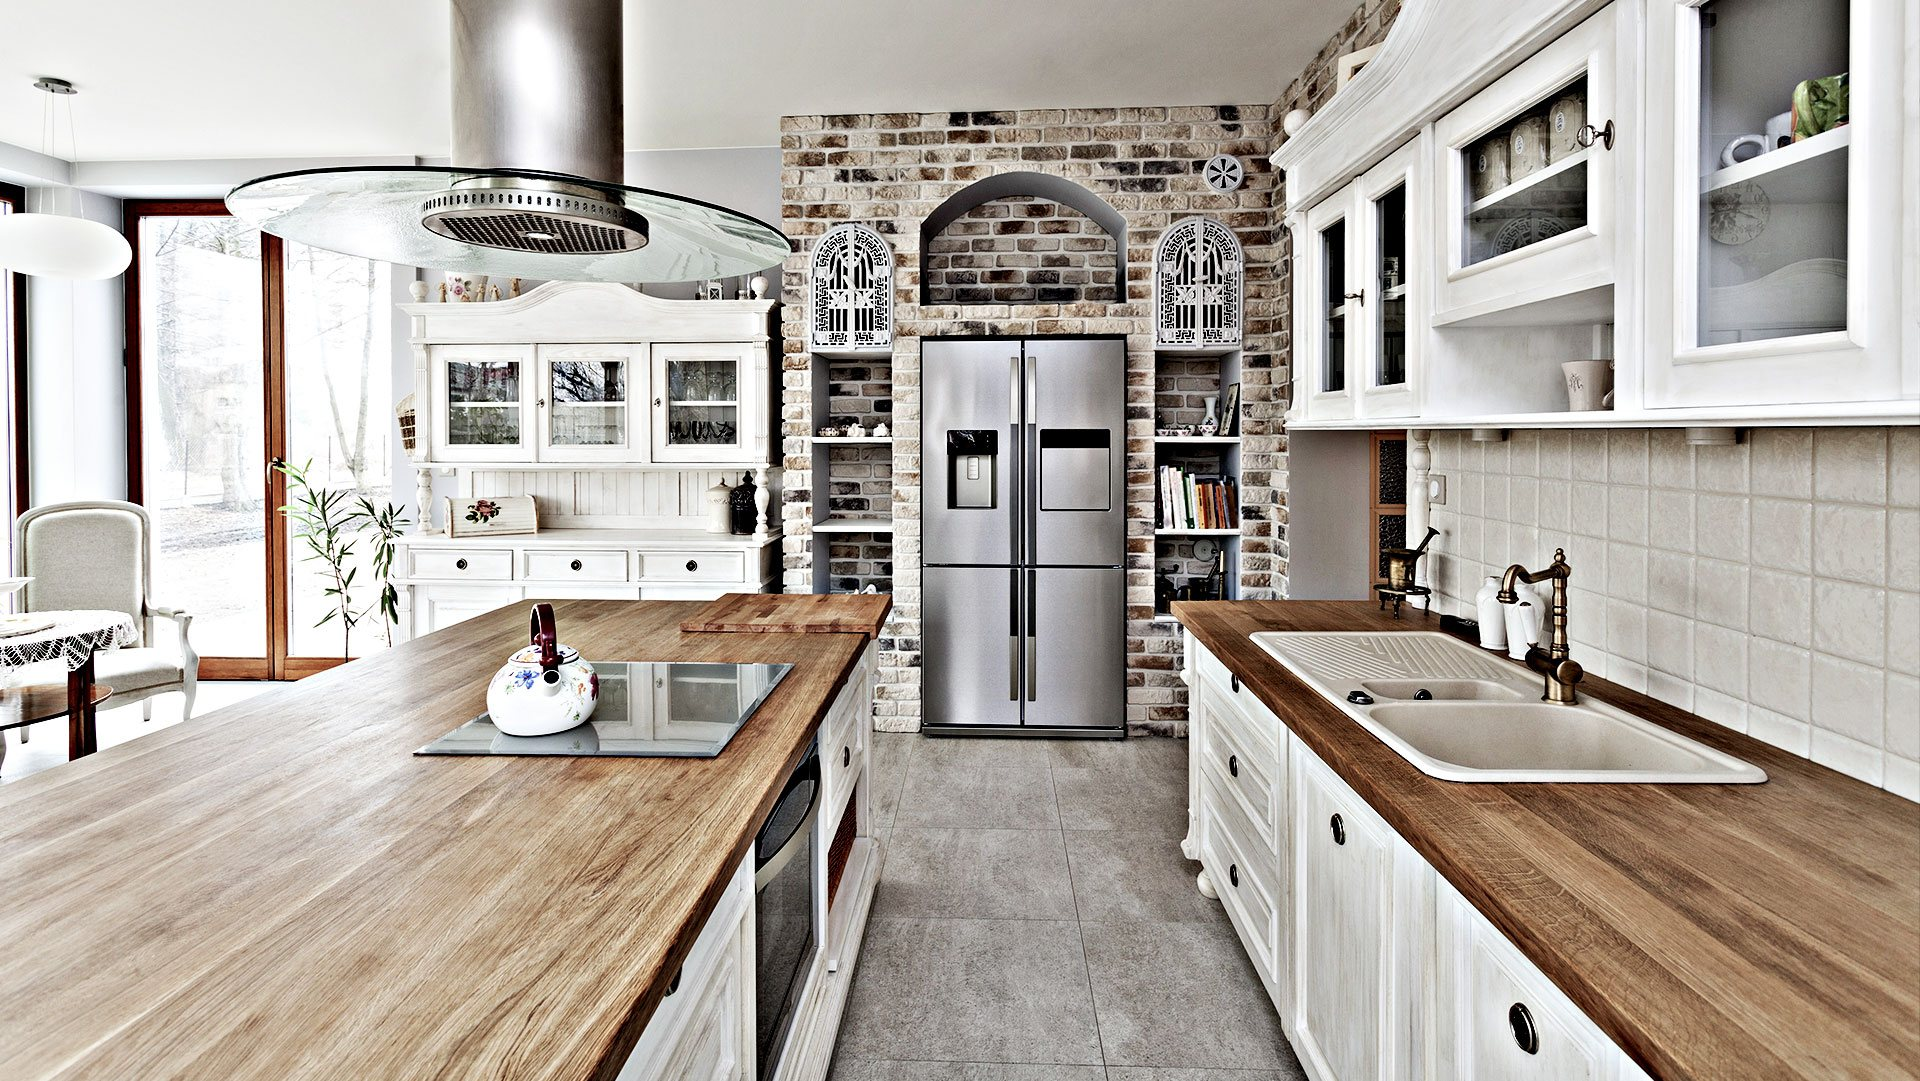 Mcfeniel Services LLC Remodeled Kitchen 1